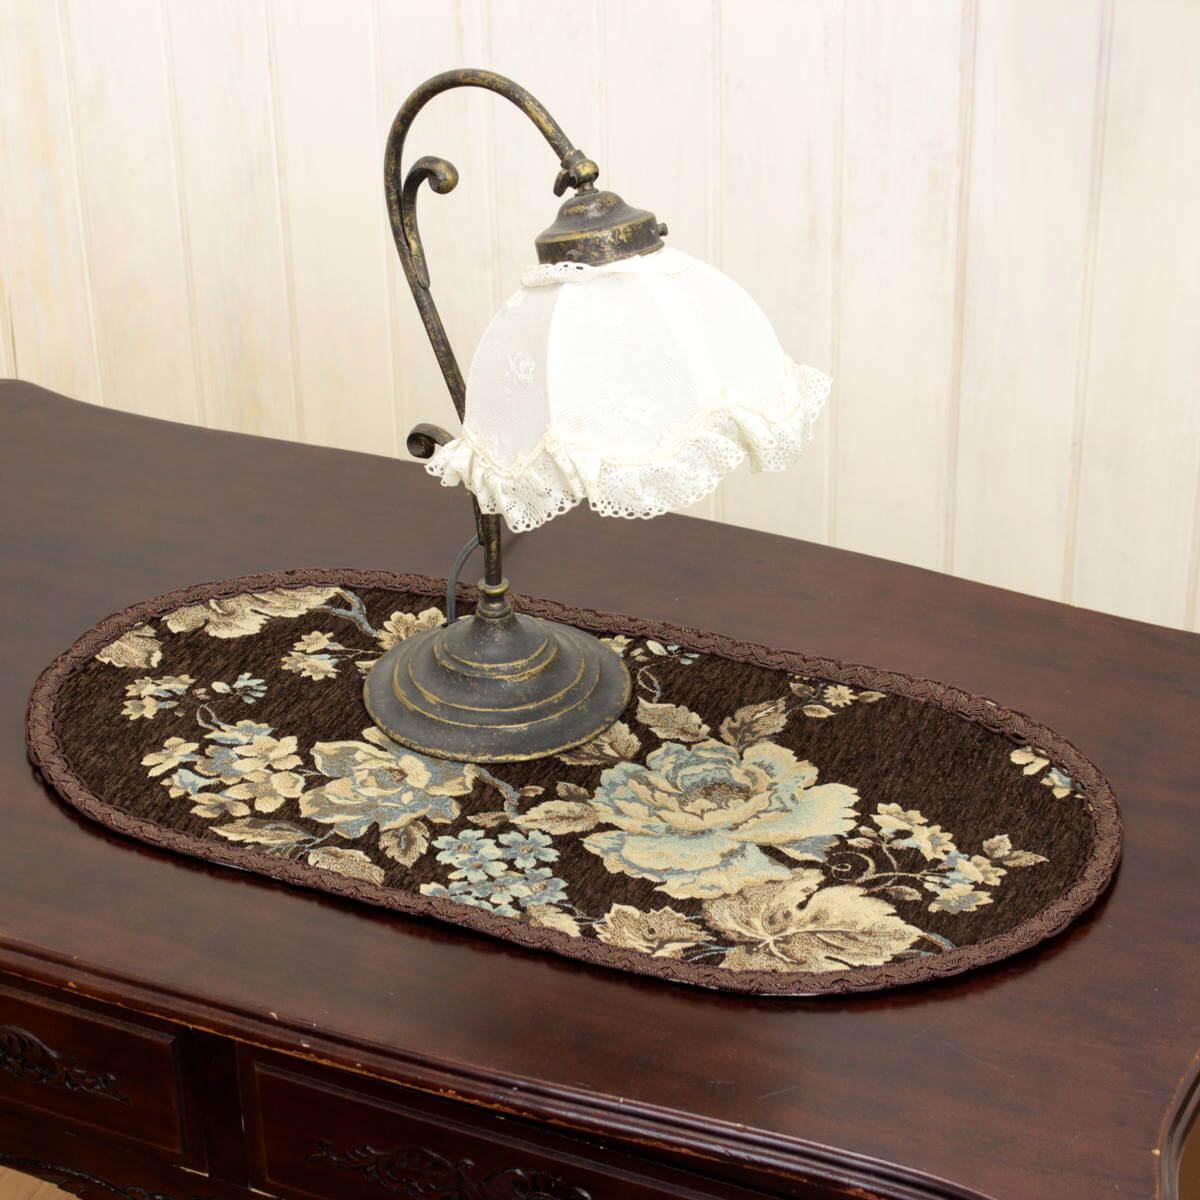 シェニール織 マチルダ シリーズ のテーブルセンターです。